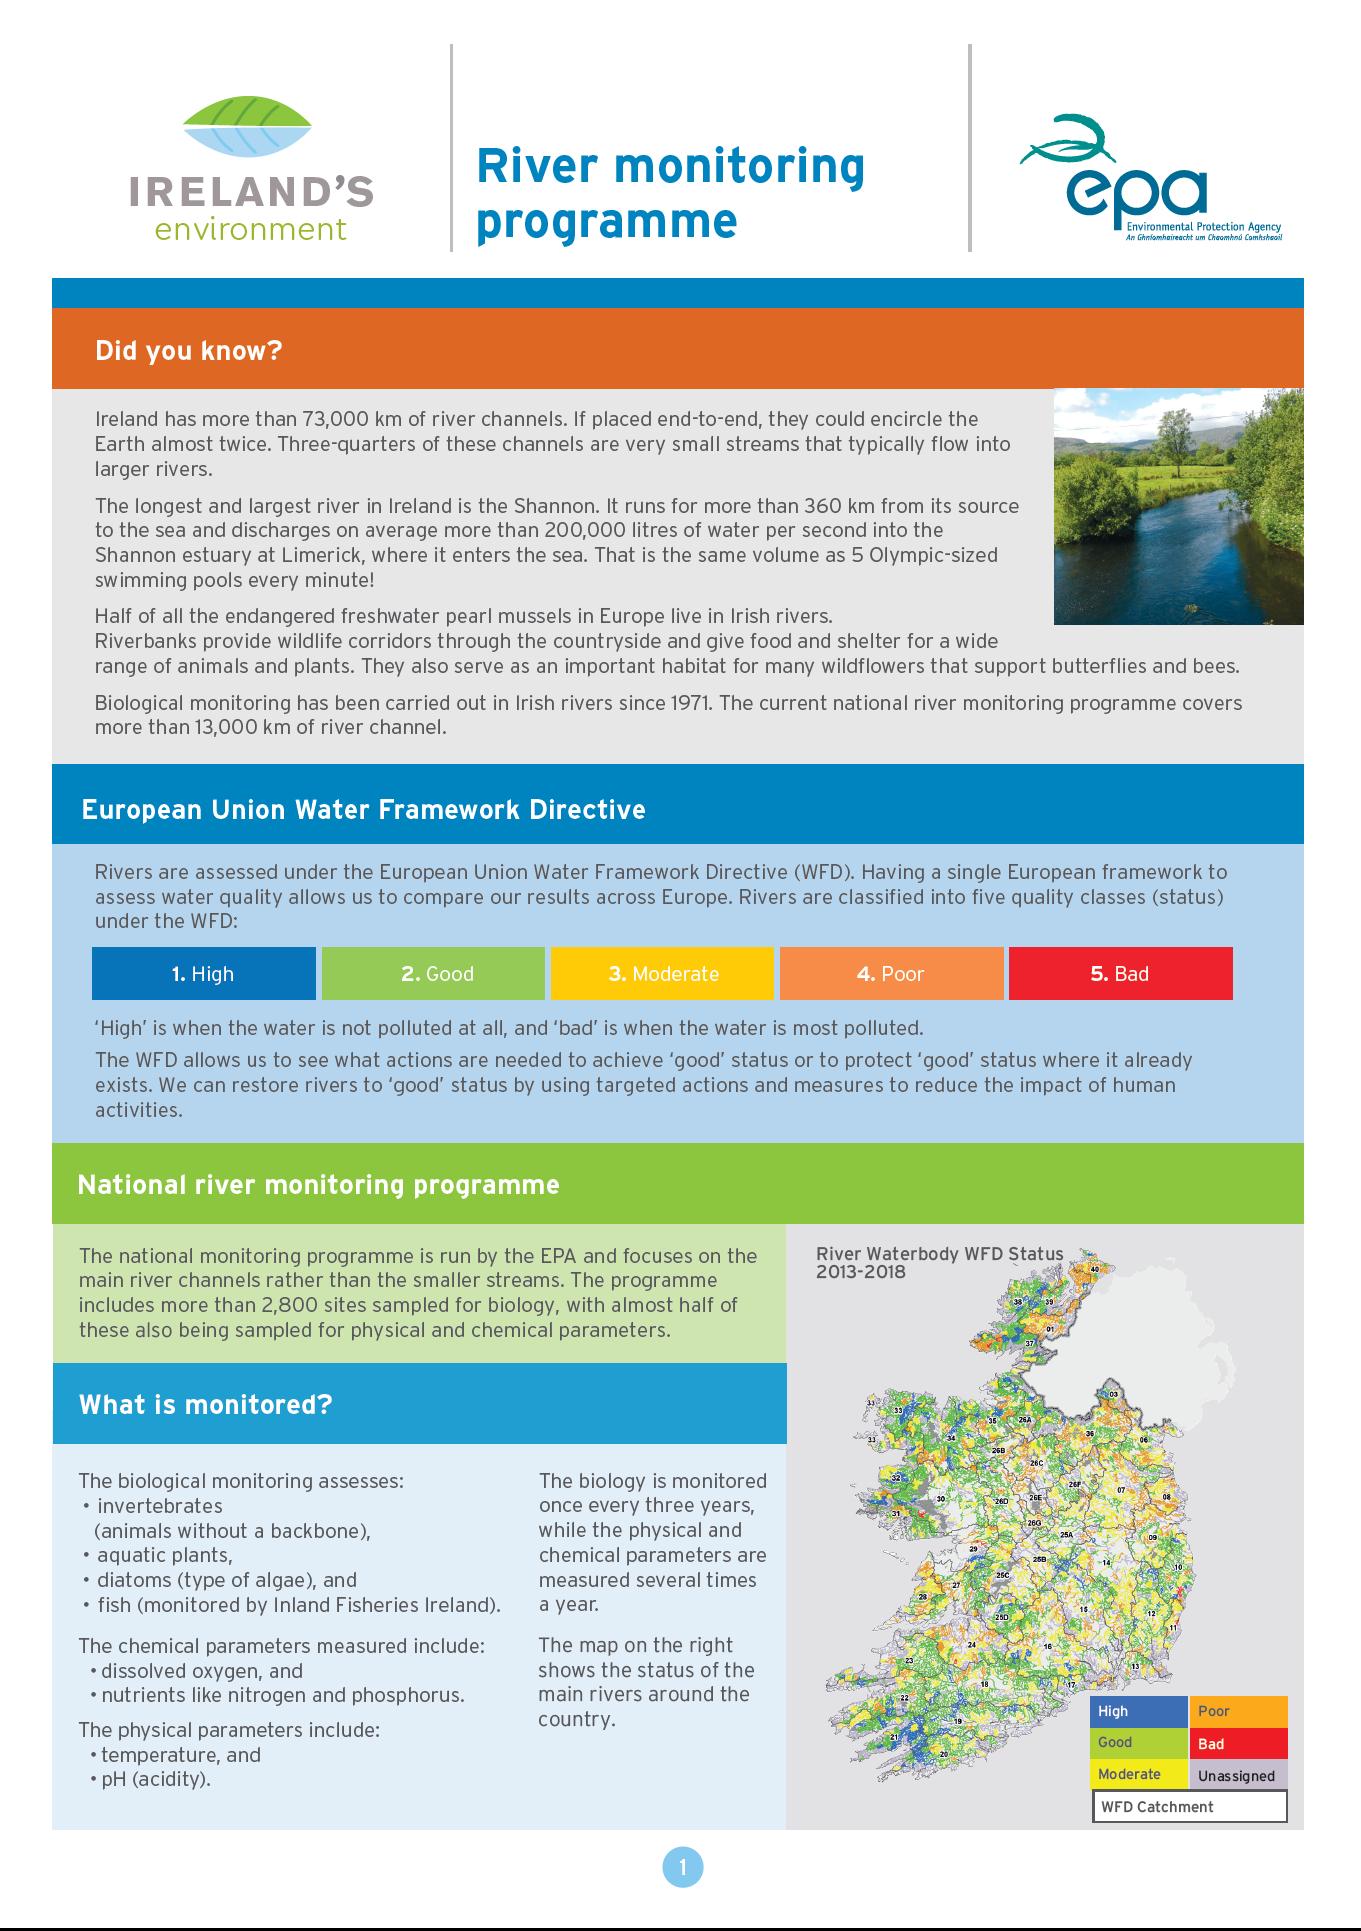 River monitoring programme factsheet